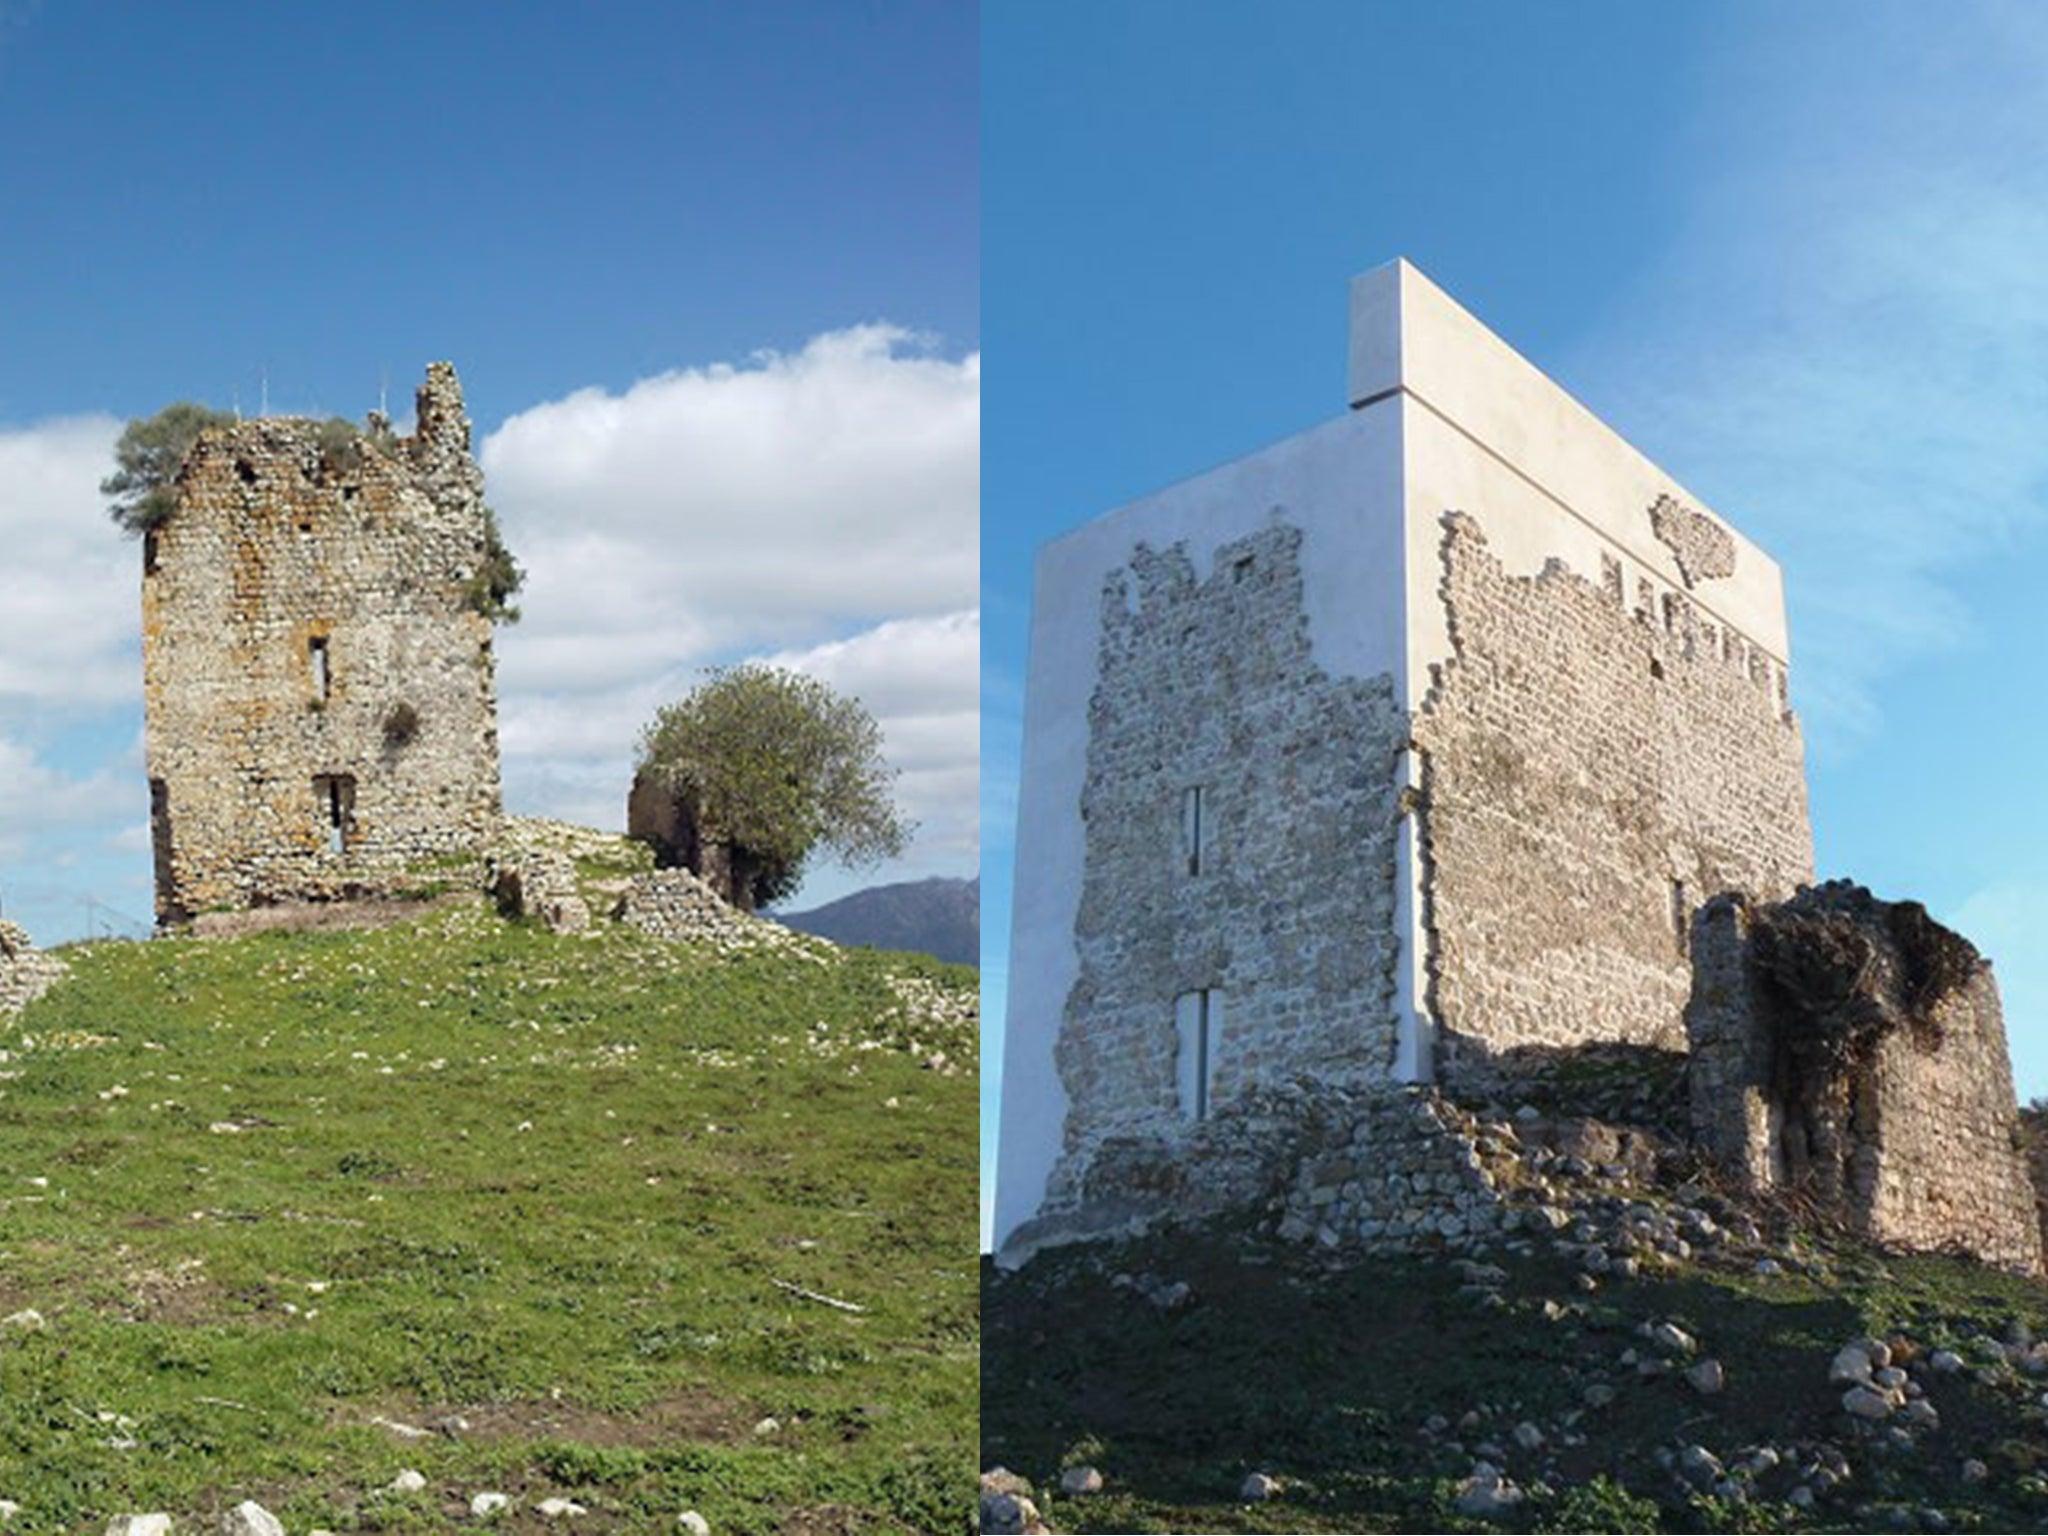 el castillo de matrera  spanish castle restoration in